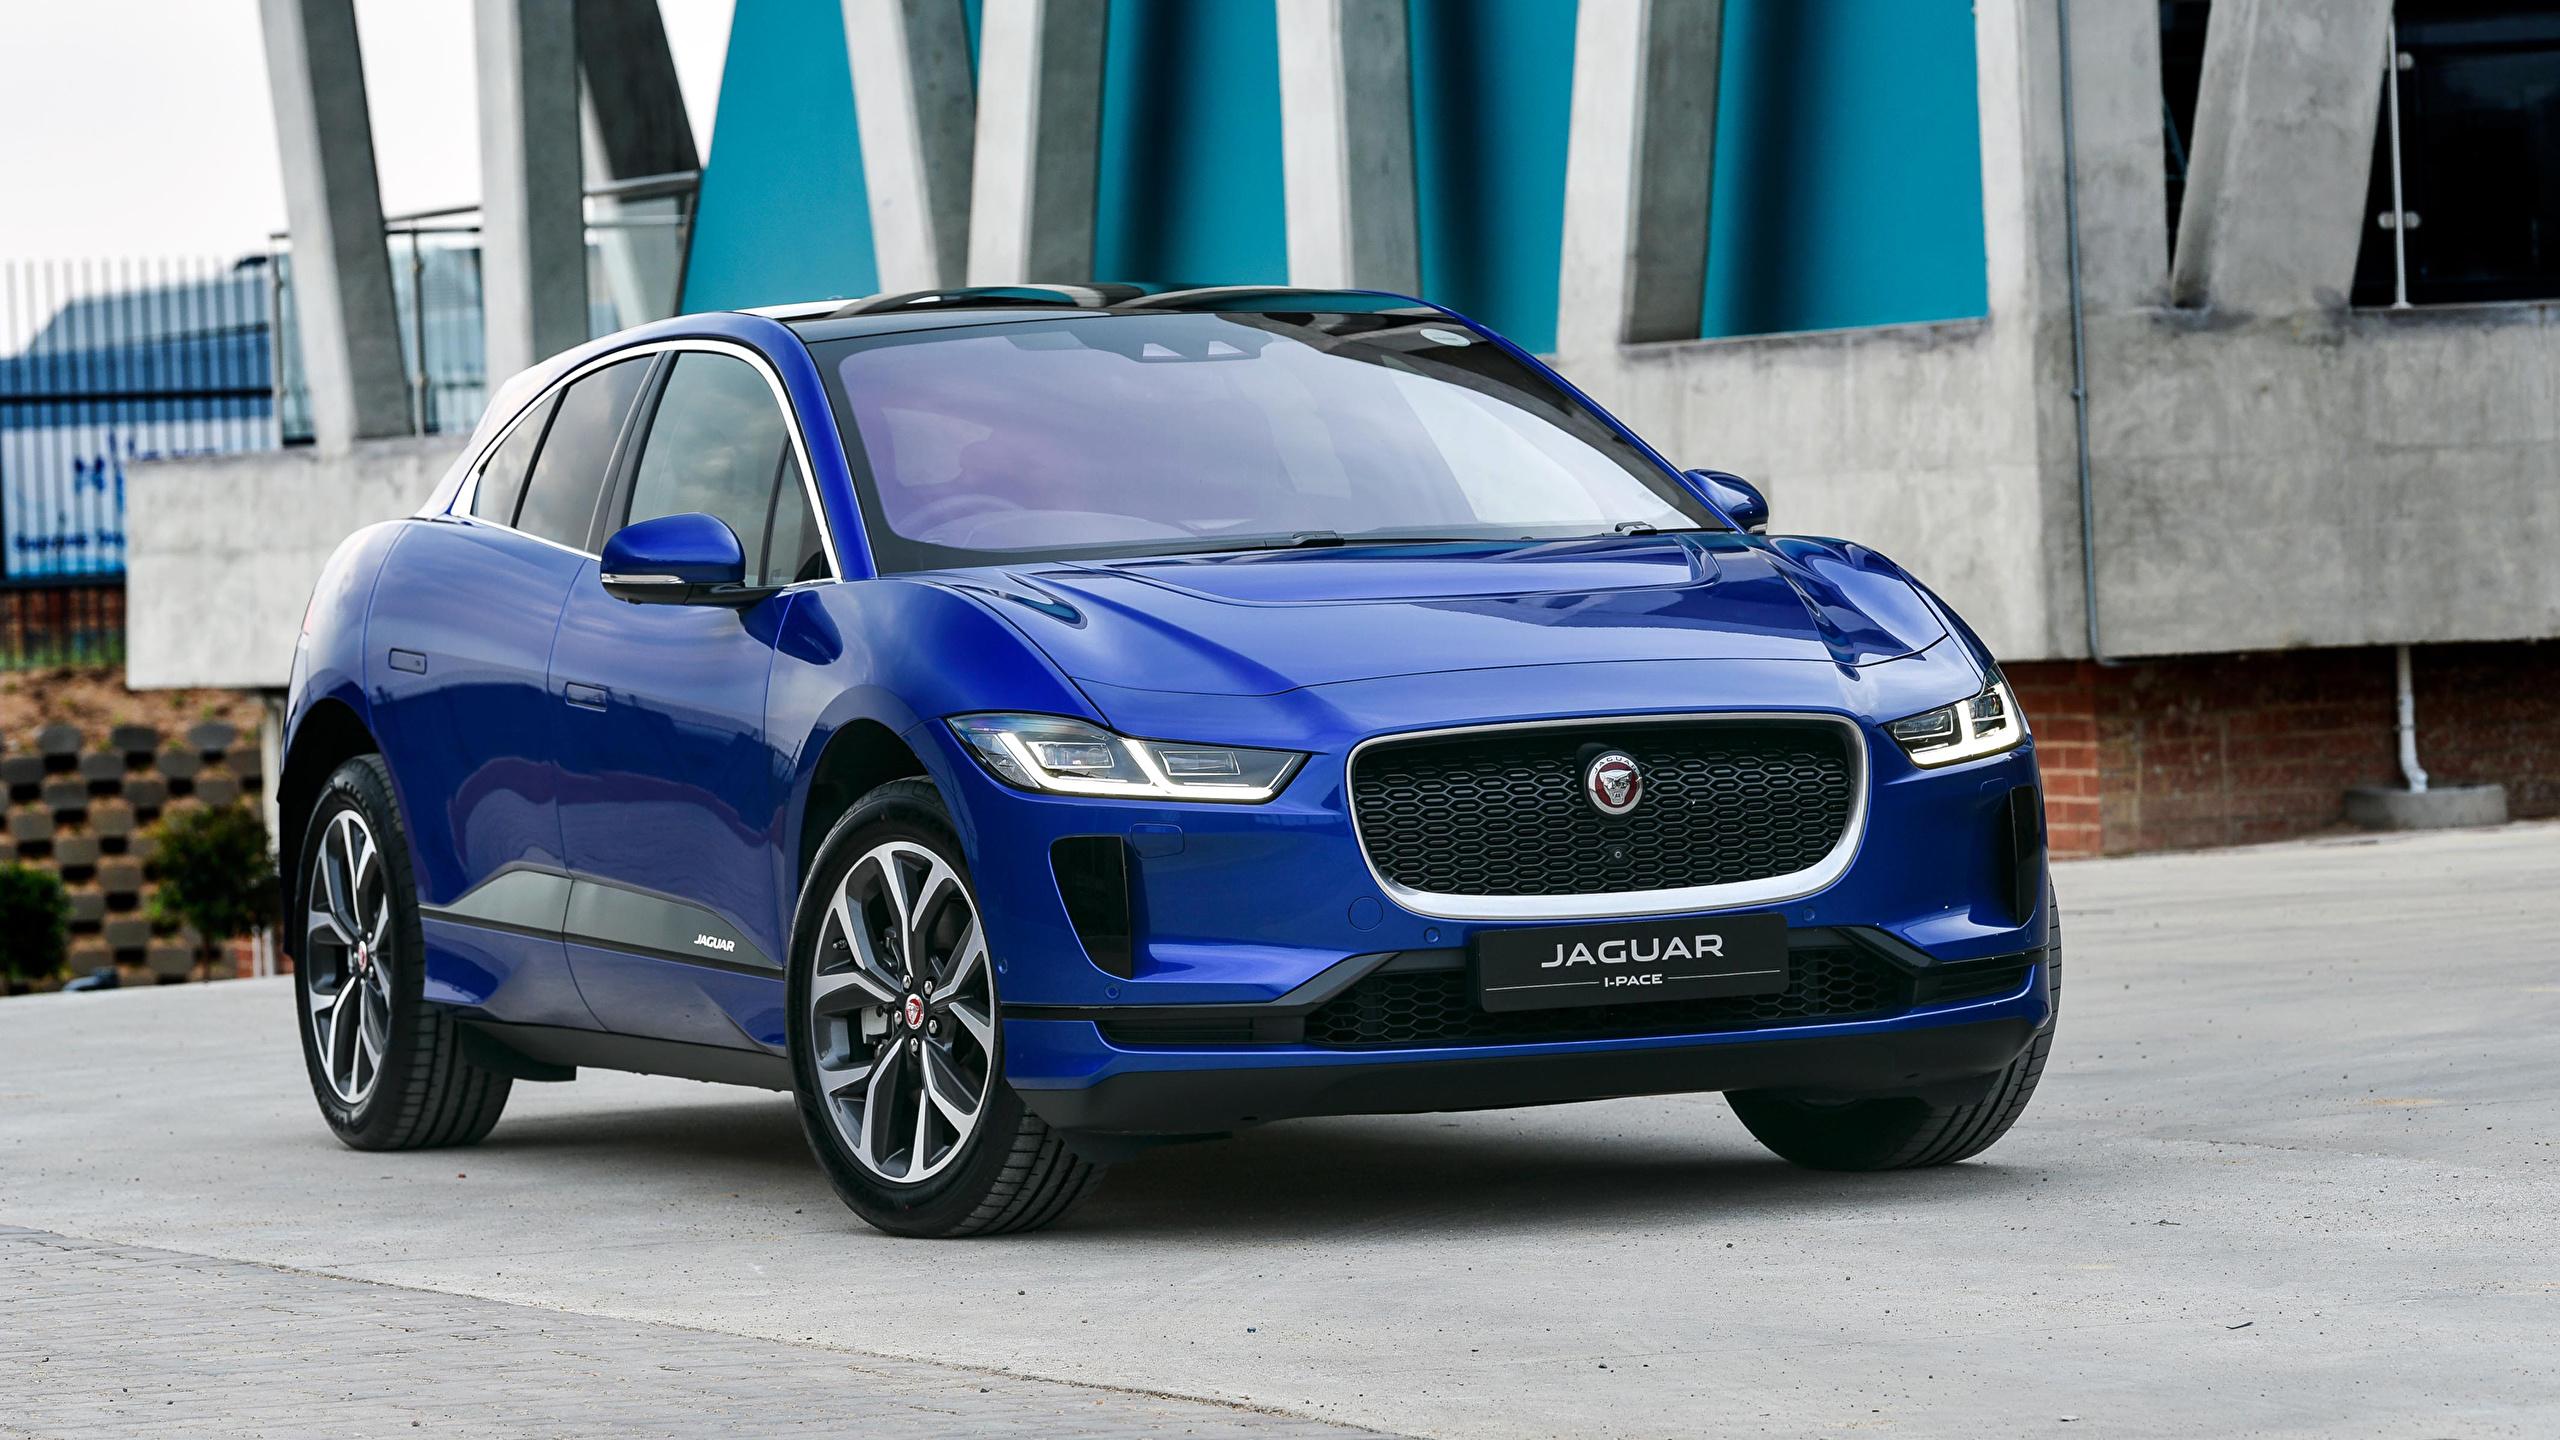 Картинка Ягуар 2019 I-Pace EV400 AWD HSE Синий машина Металлик 2560x1440 Jaguar синих синие синяя авто машины автомобиль Автомобили